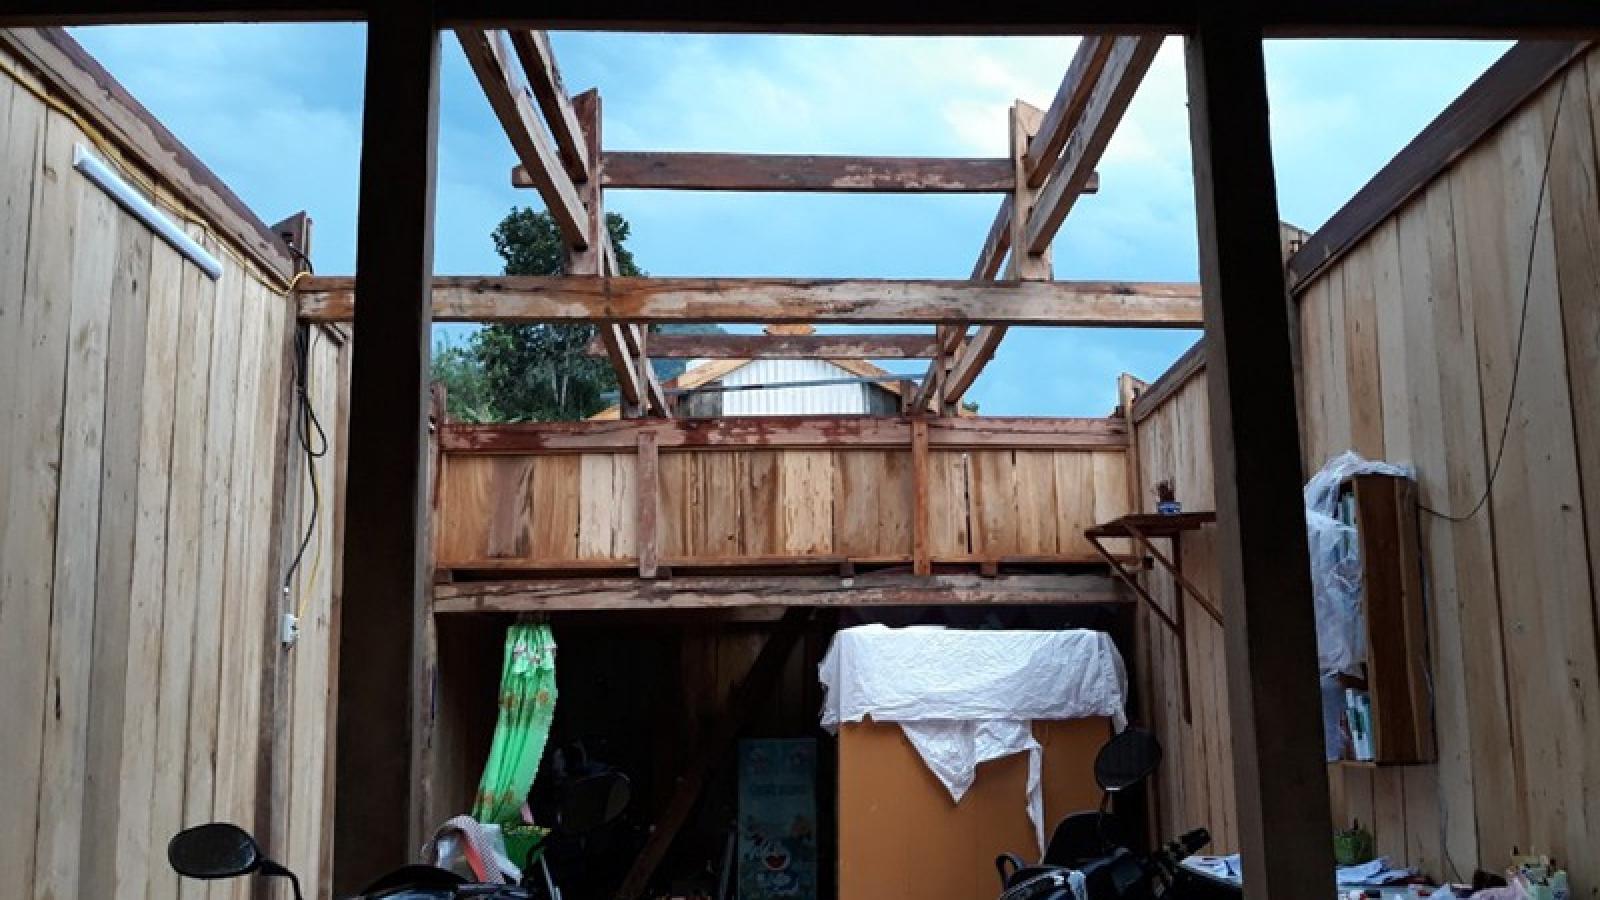 Gió lốc gây thiệt hại nặng nề ở huyện Nậm Nhùn, Lai Châu